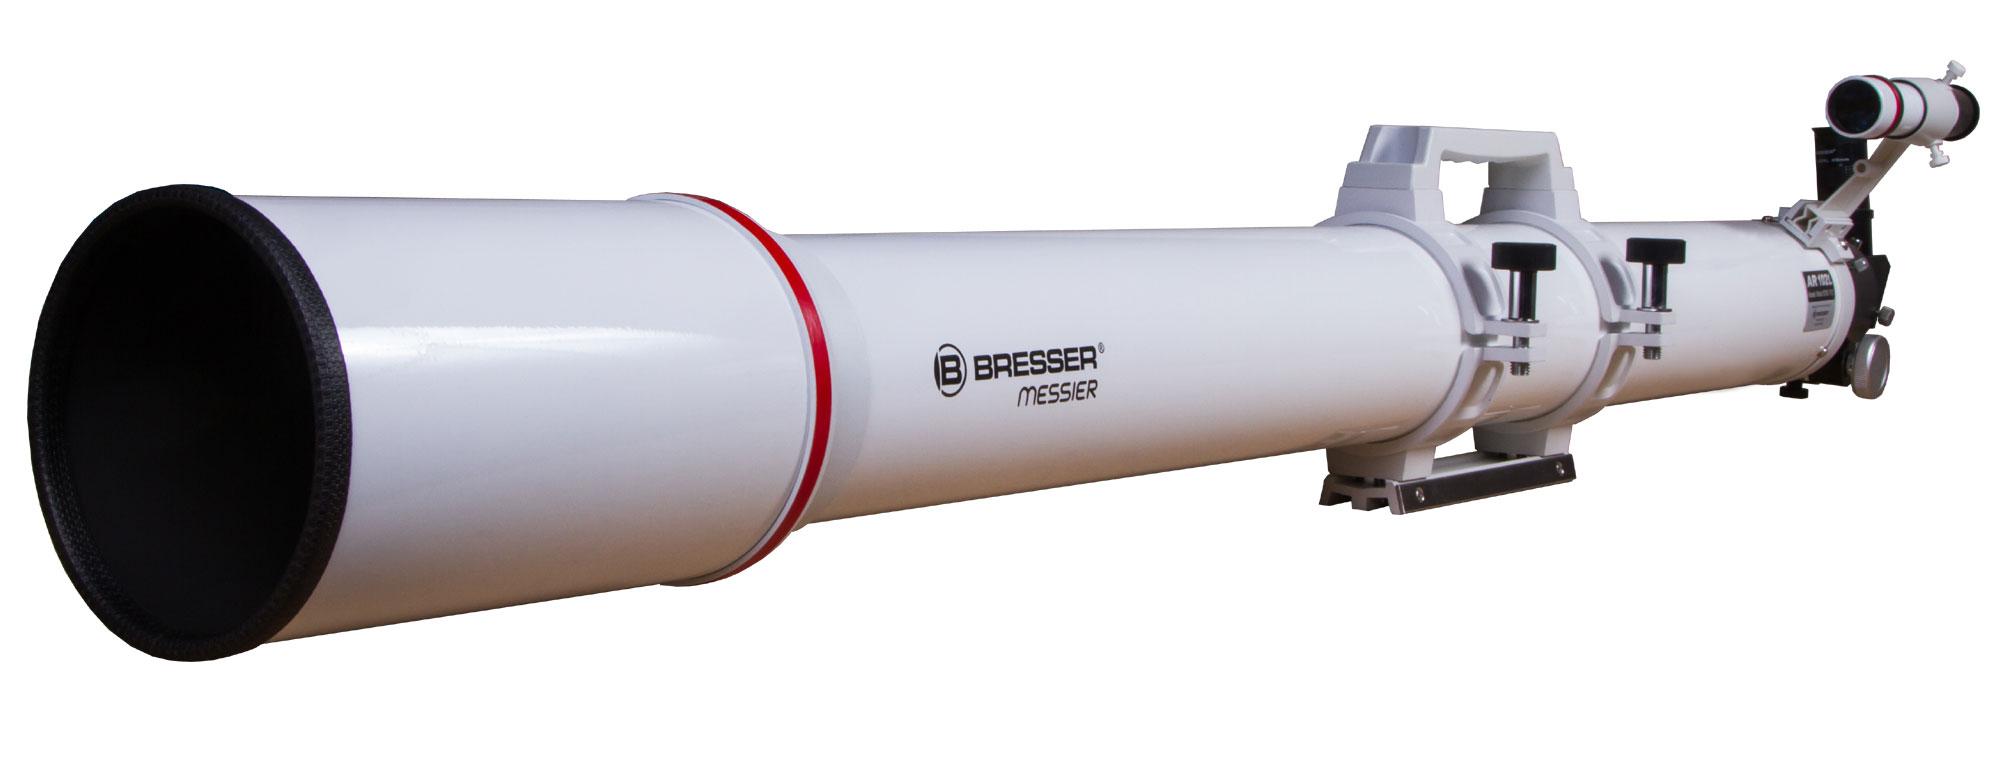 Картинка для Труба оптическая Bresser (Брессер) Messier AR-102L/1350 Hexafoc